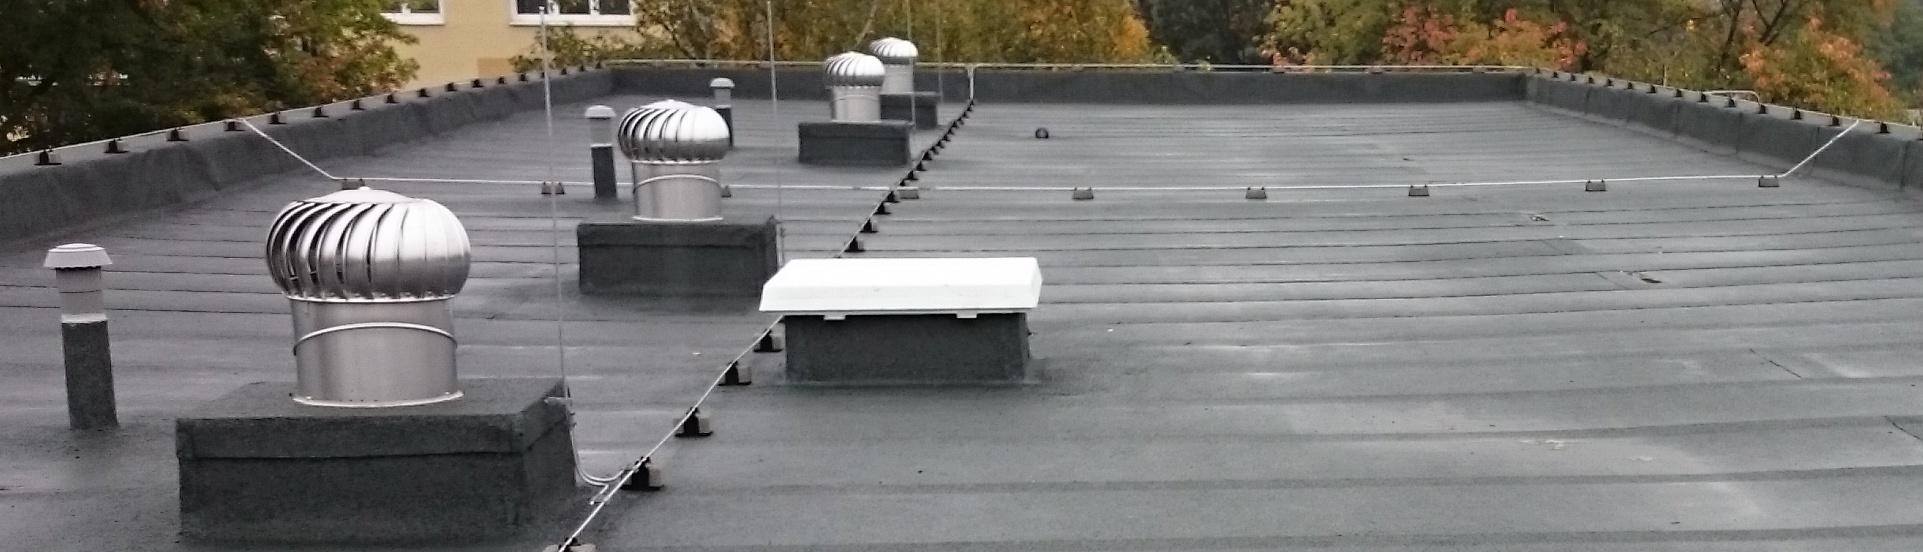 TEJKL, s.r.o. - rekonstrukce plochých střech